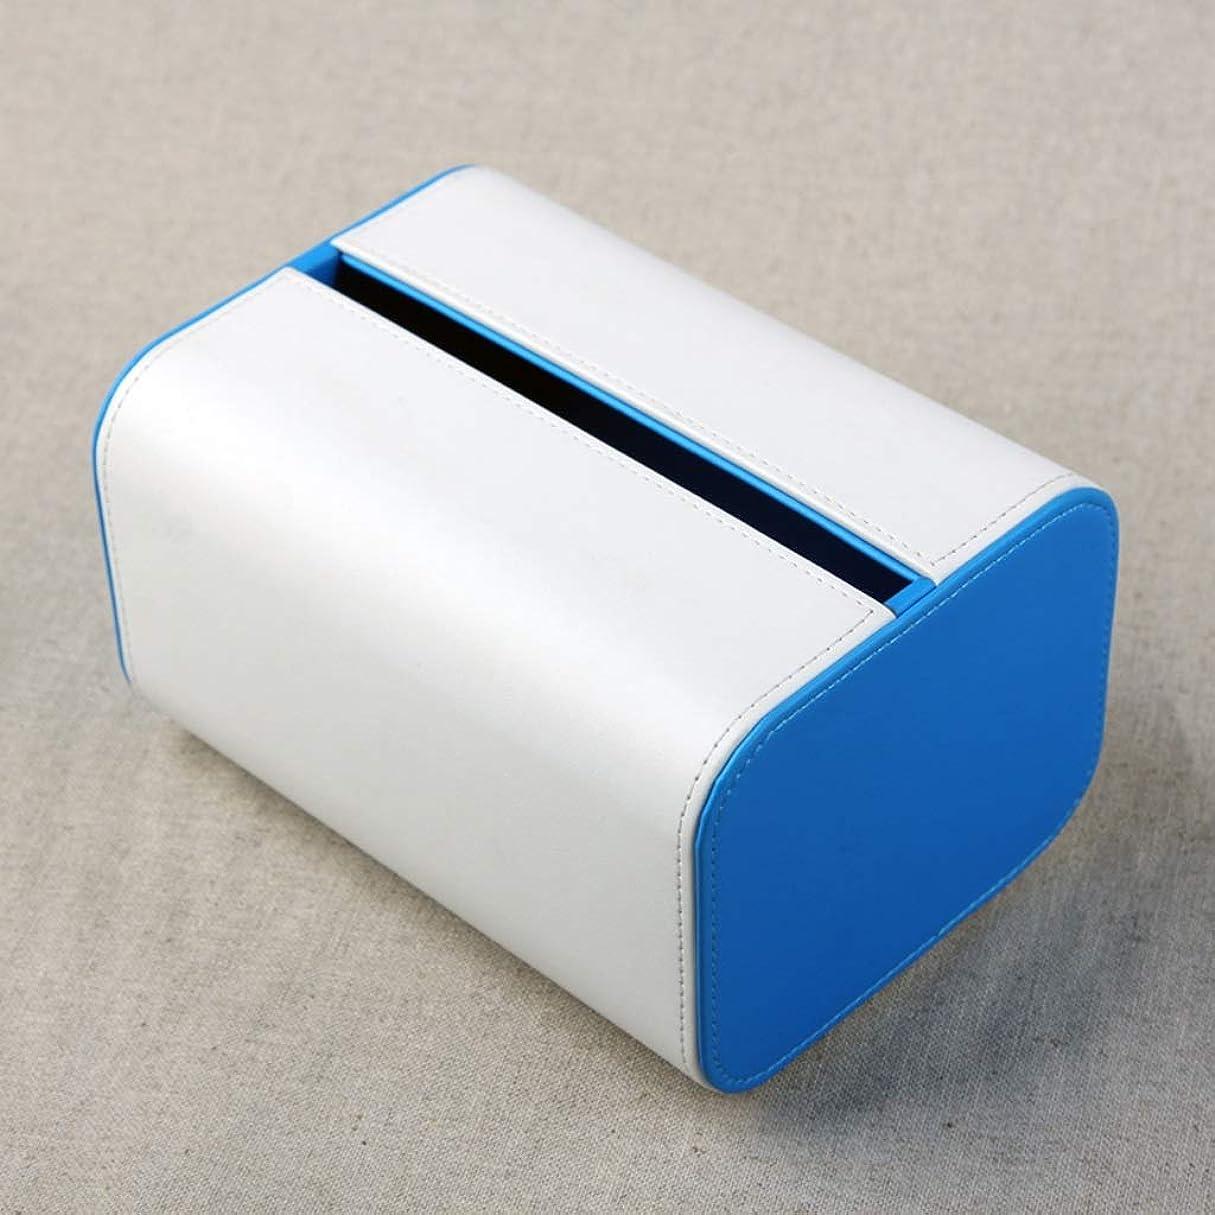 マトリックス輪郭デンマークティッシュボックス赤黒、白と青のコントラストティッシュボックスレザー長方形ティッシュボックスシンプルなトレイ SHWSM (Color : White)